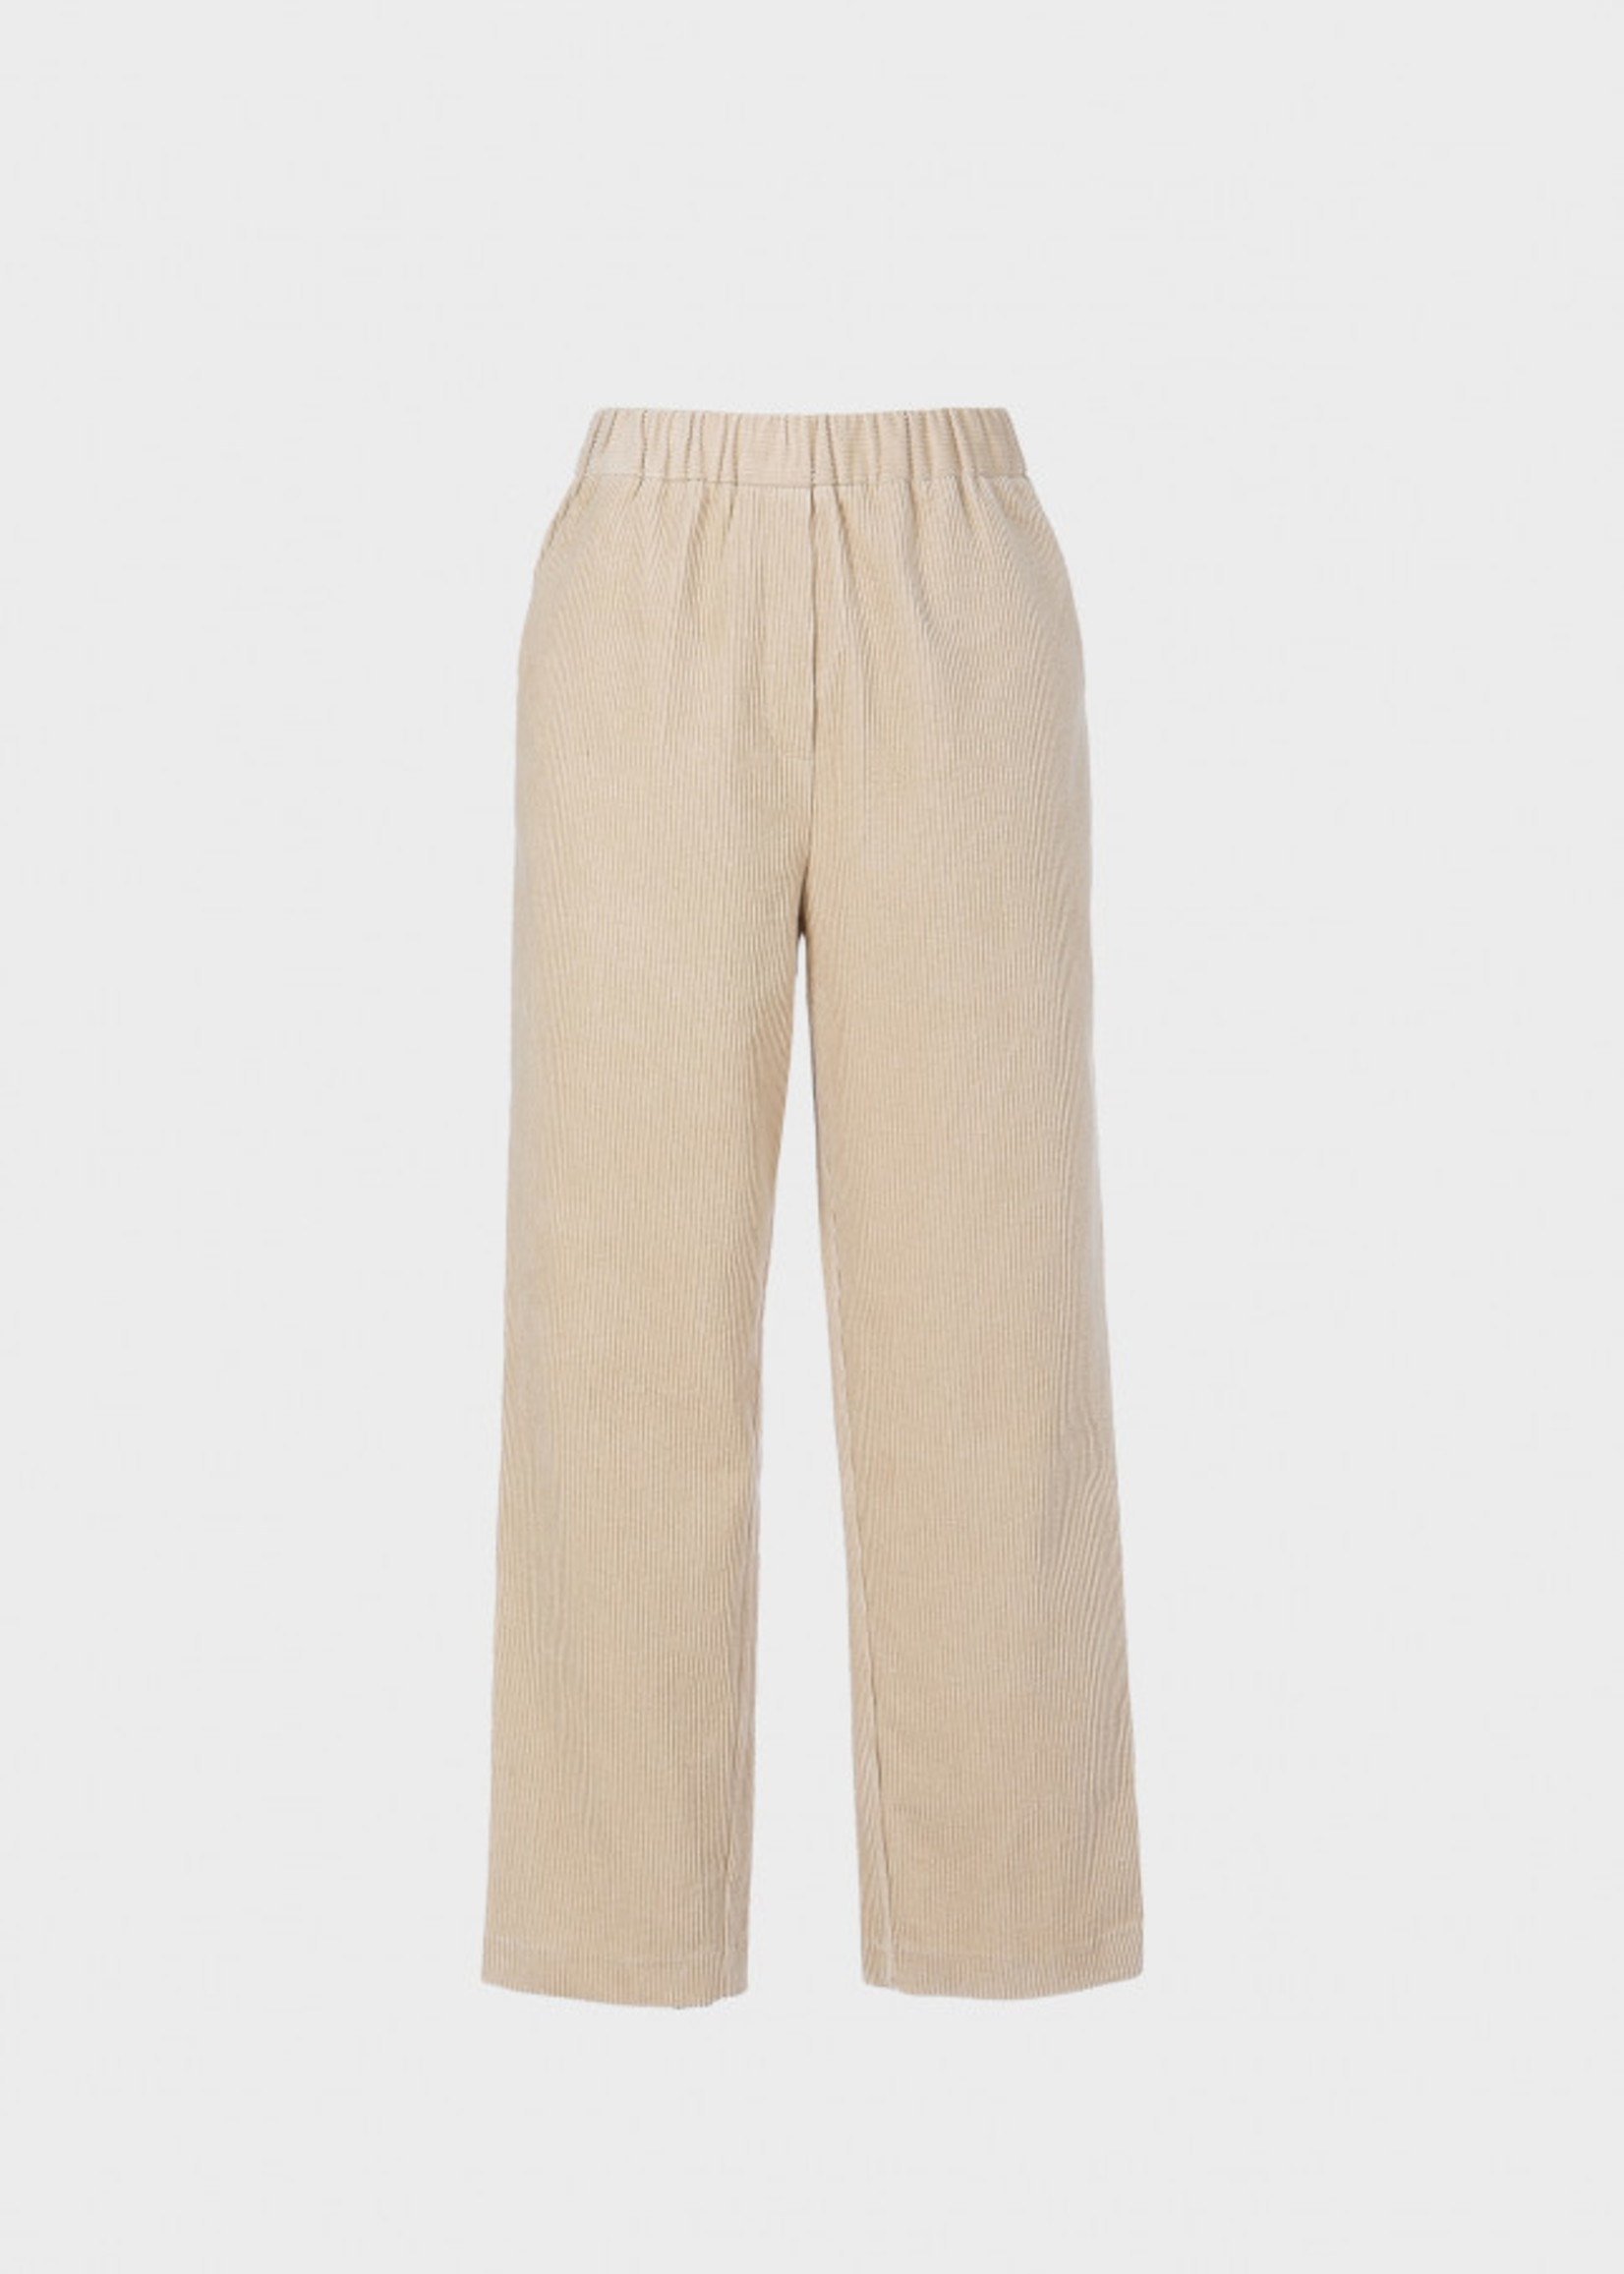 Frnch Perola Pantalon - Creme